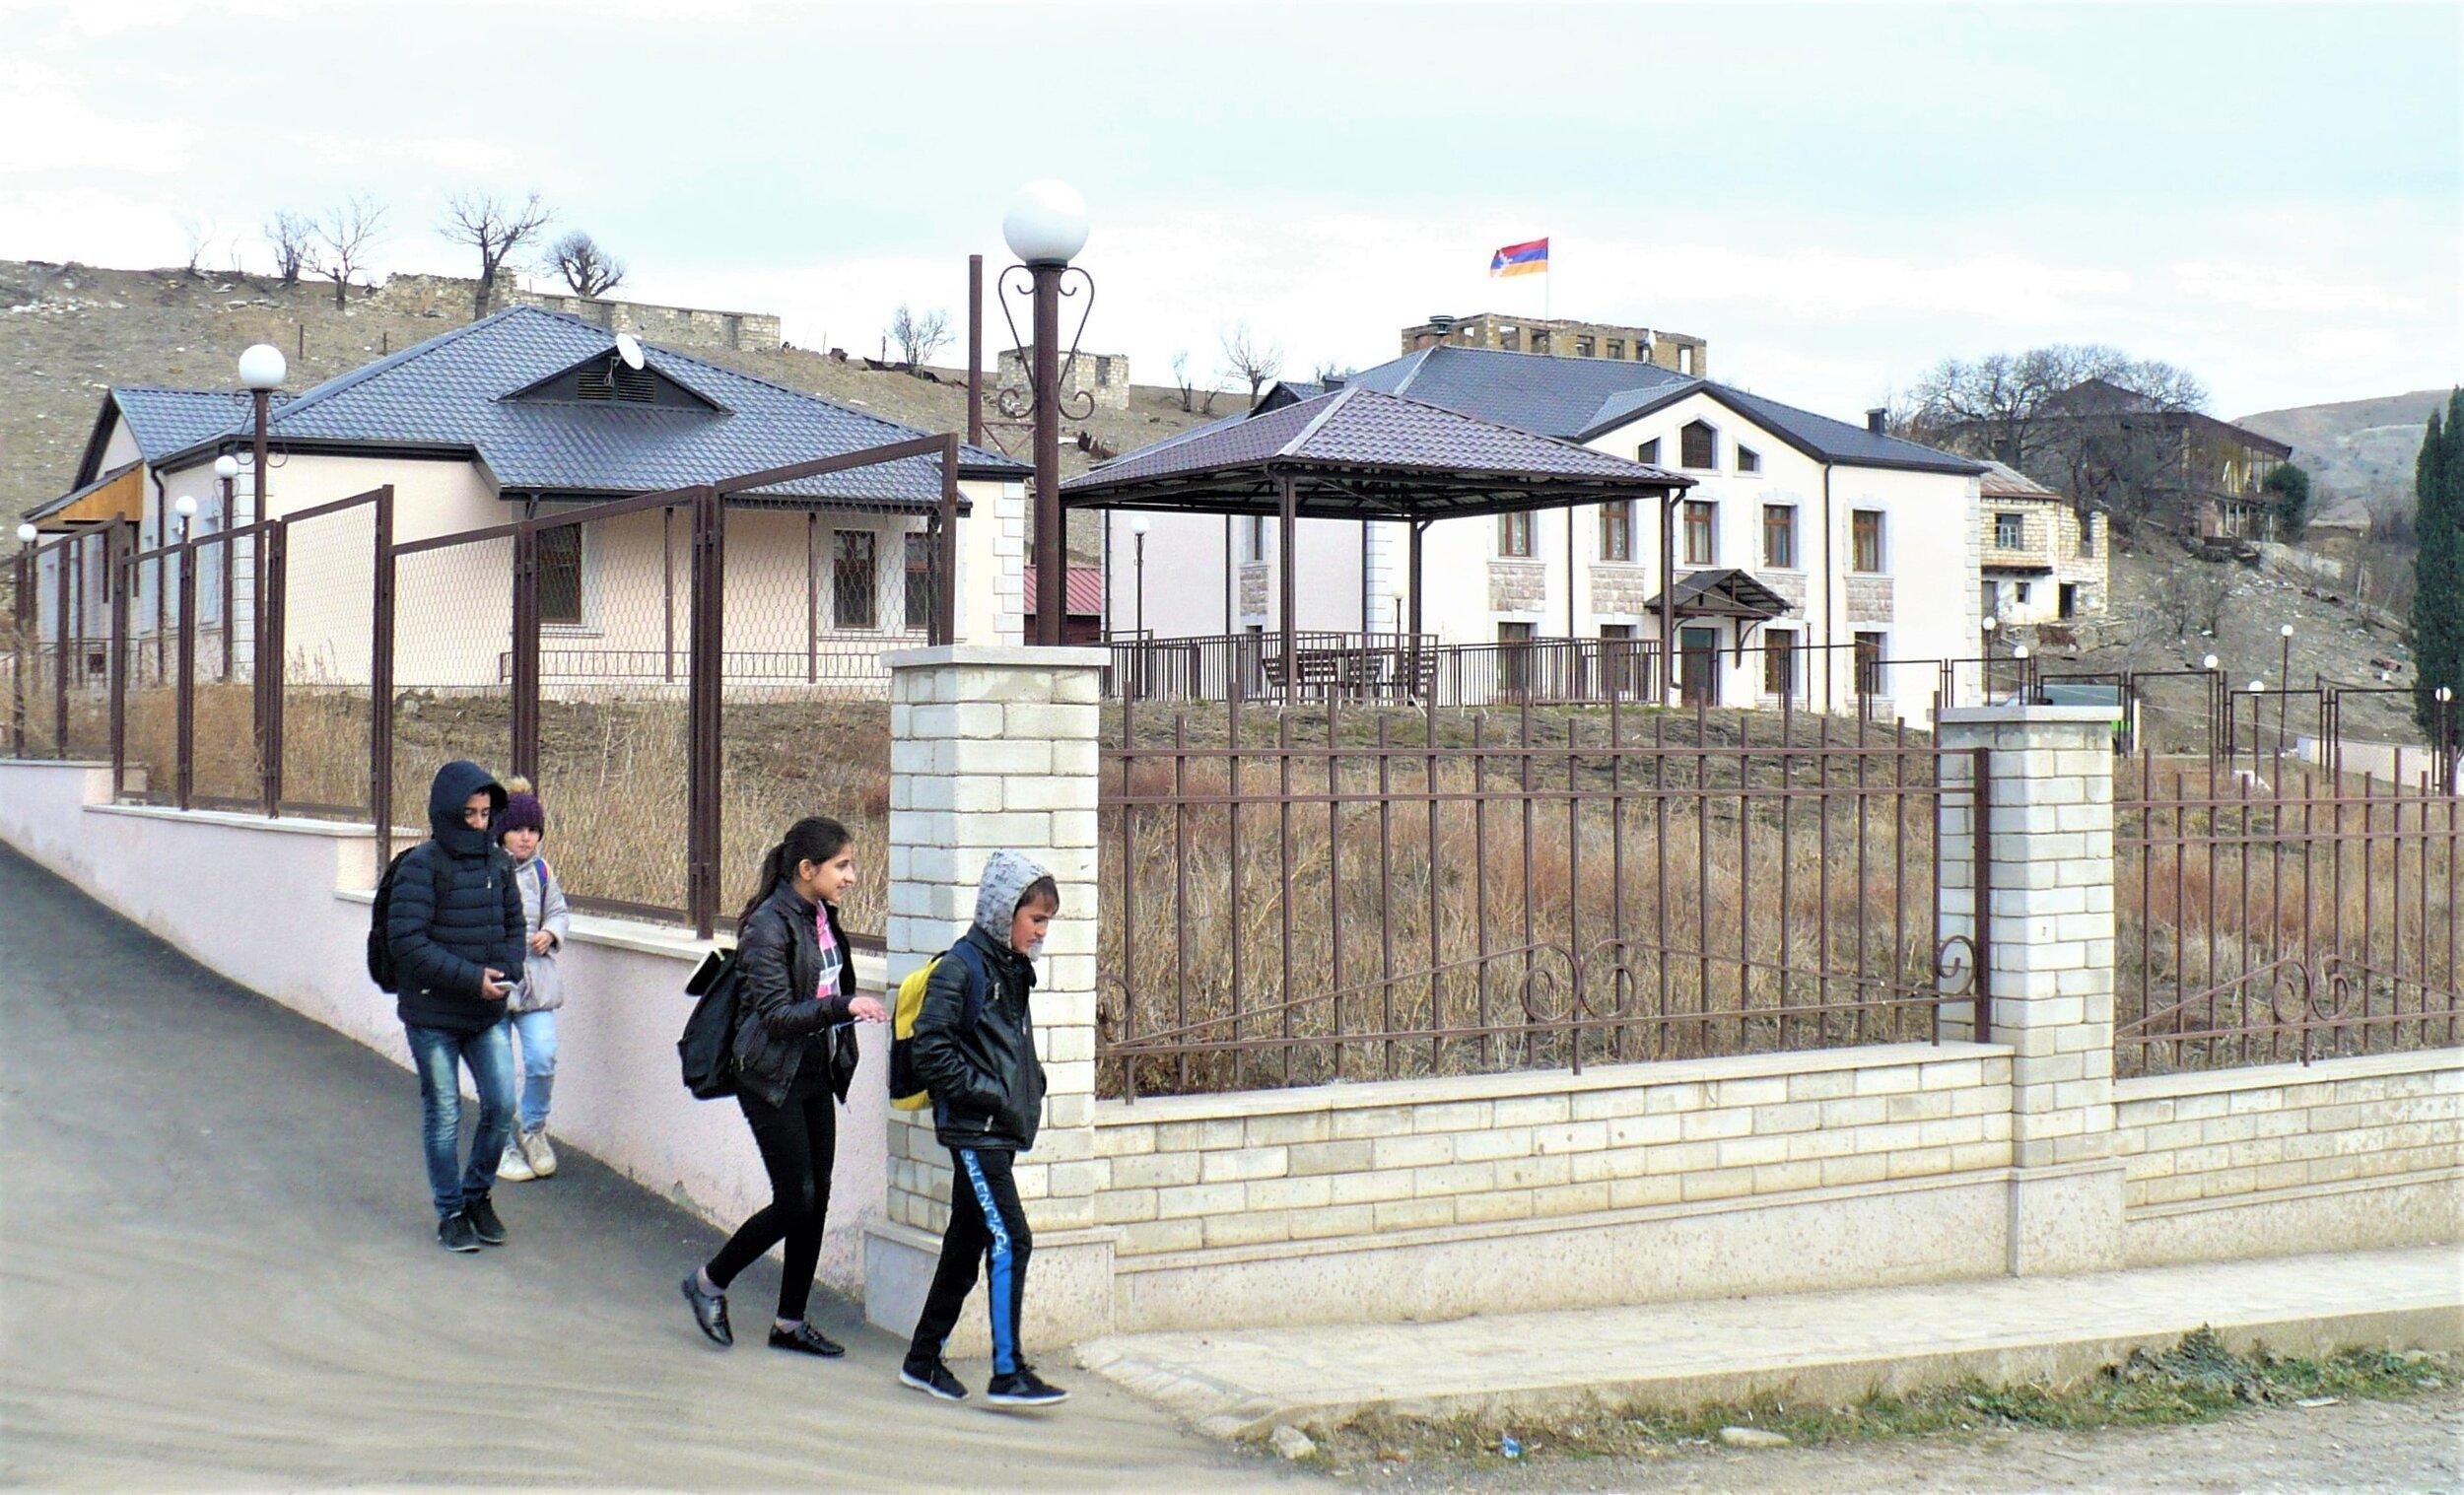 Талишские школьники возвращаются домой после уроков.jpg